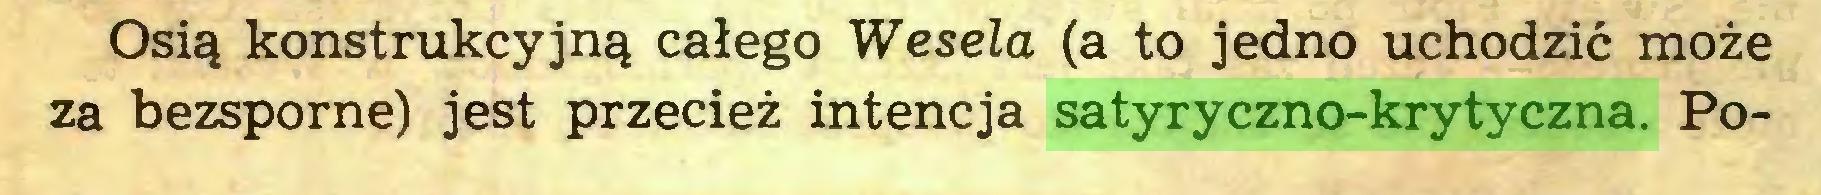 (...) Osią konstrukcyjną całego Wesela (a to jedno uchodzić może za bezsporne) jest przecież intencja satyryczno-krytyczna. Po...